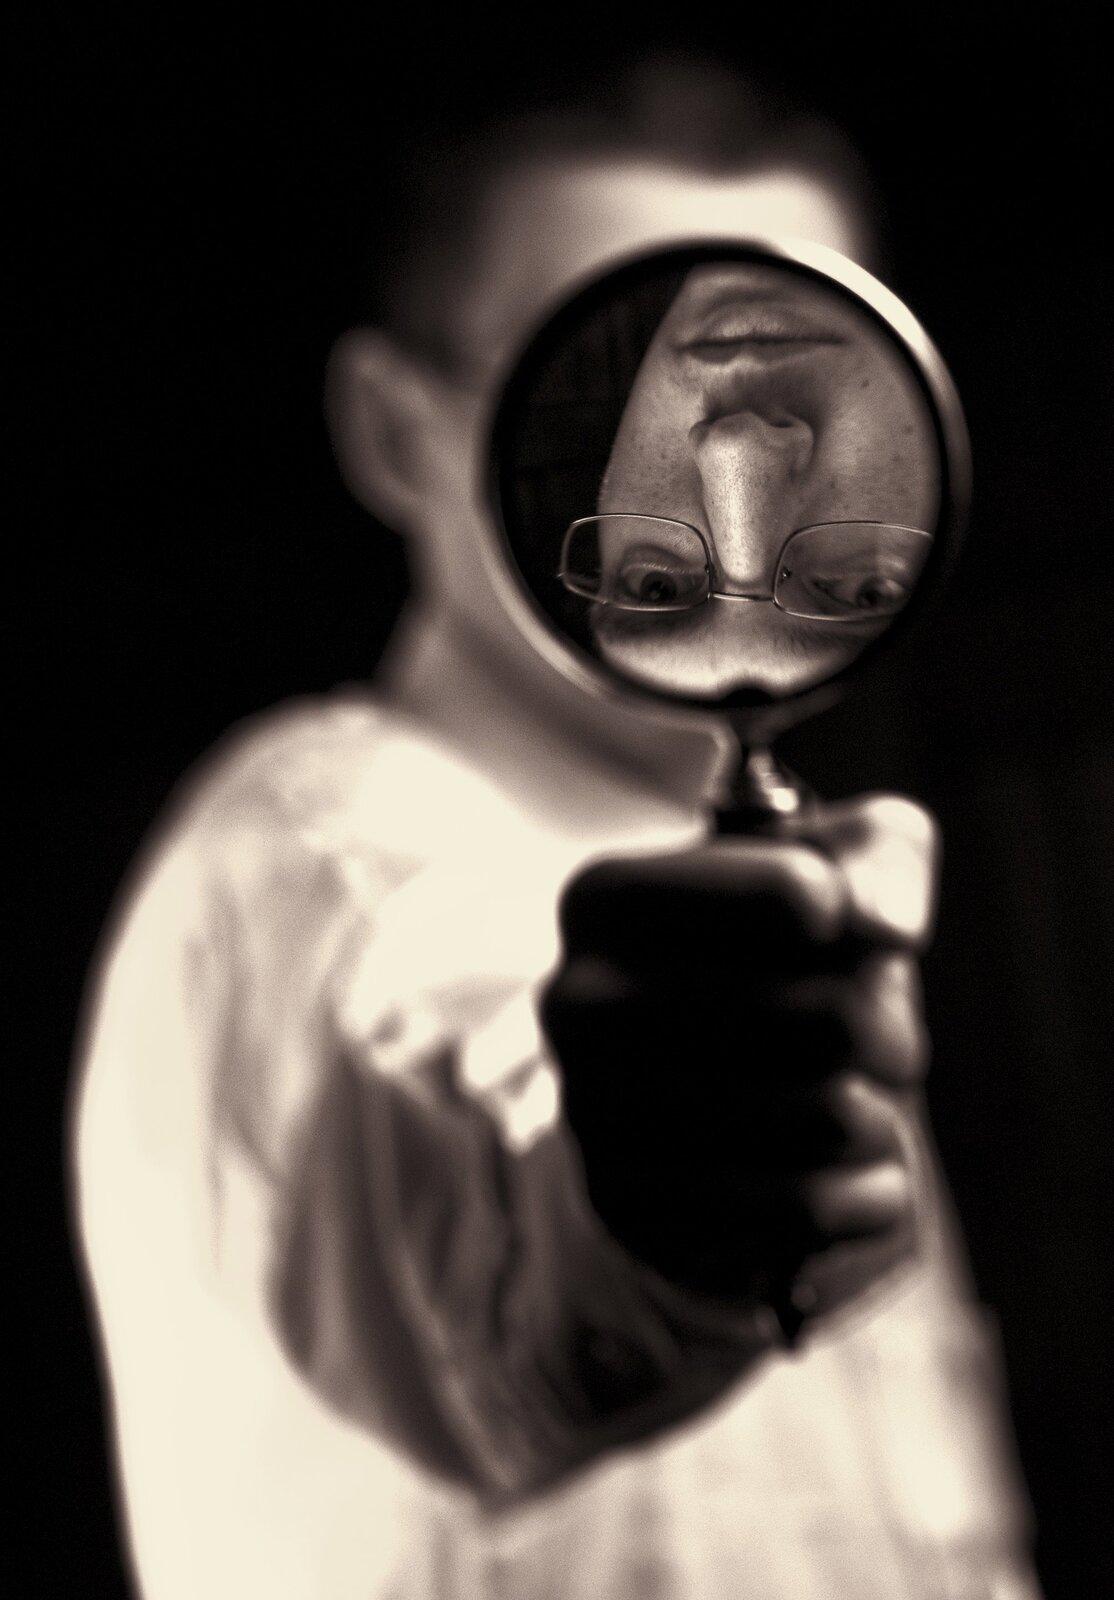 Wykonane wodcieniach sepii zdjęcie przedstawia mężczyznę spoglądającego wstronę aparatu itrzymającego wręce lupę. Człowiek znajduje się poza obszarem ostrości zdjęcia. Ostrość skupiona jest na odwróconym do góry nogami obrazie twarzy tworzącym się wsoczewce lupy. Widać wnim, że mężczyzna nosi okulary ima spokojny wyraz twarzy.